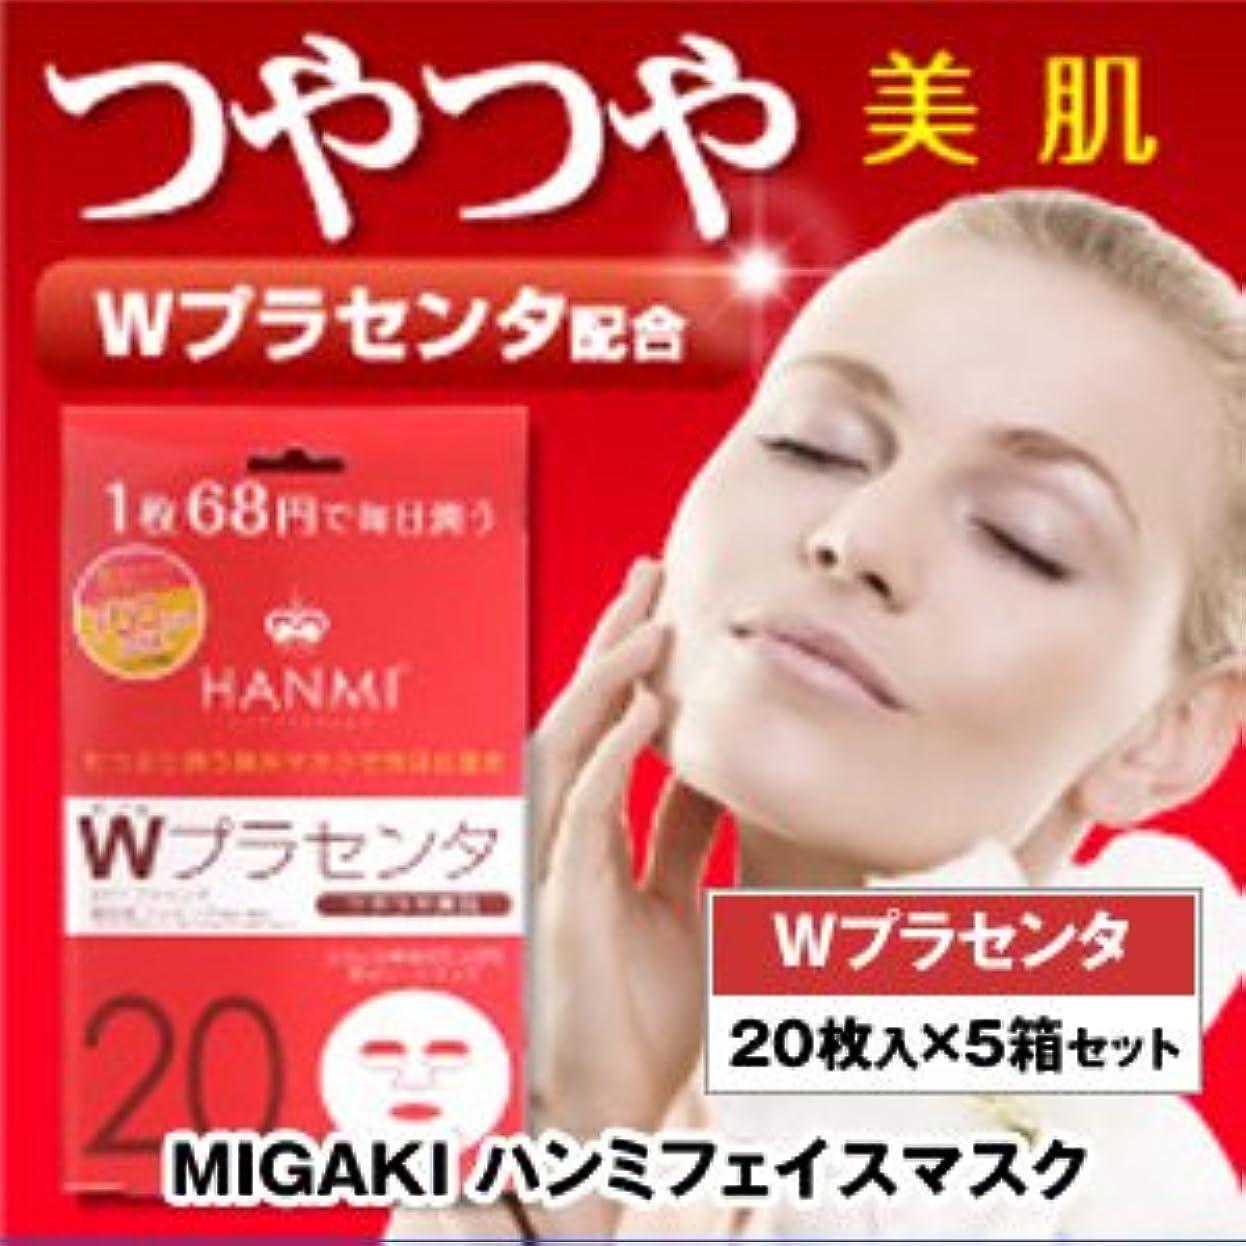 友情スピーチ年金受給者MIGAKI ハンミフェイスマスク Wプラセンタ 5箱セット